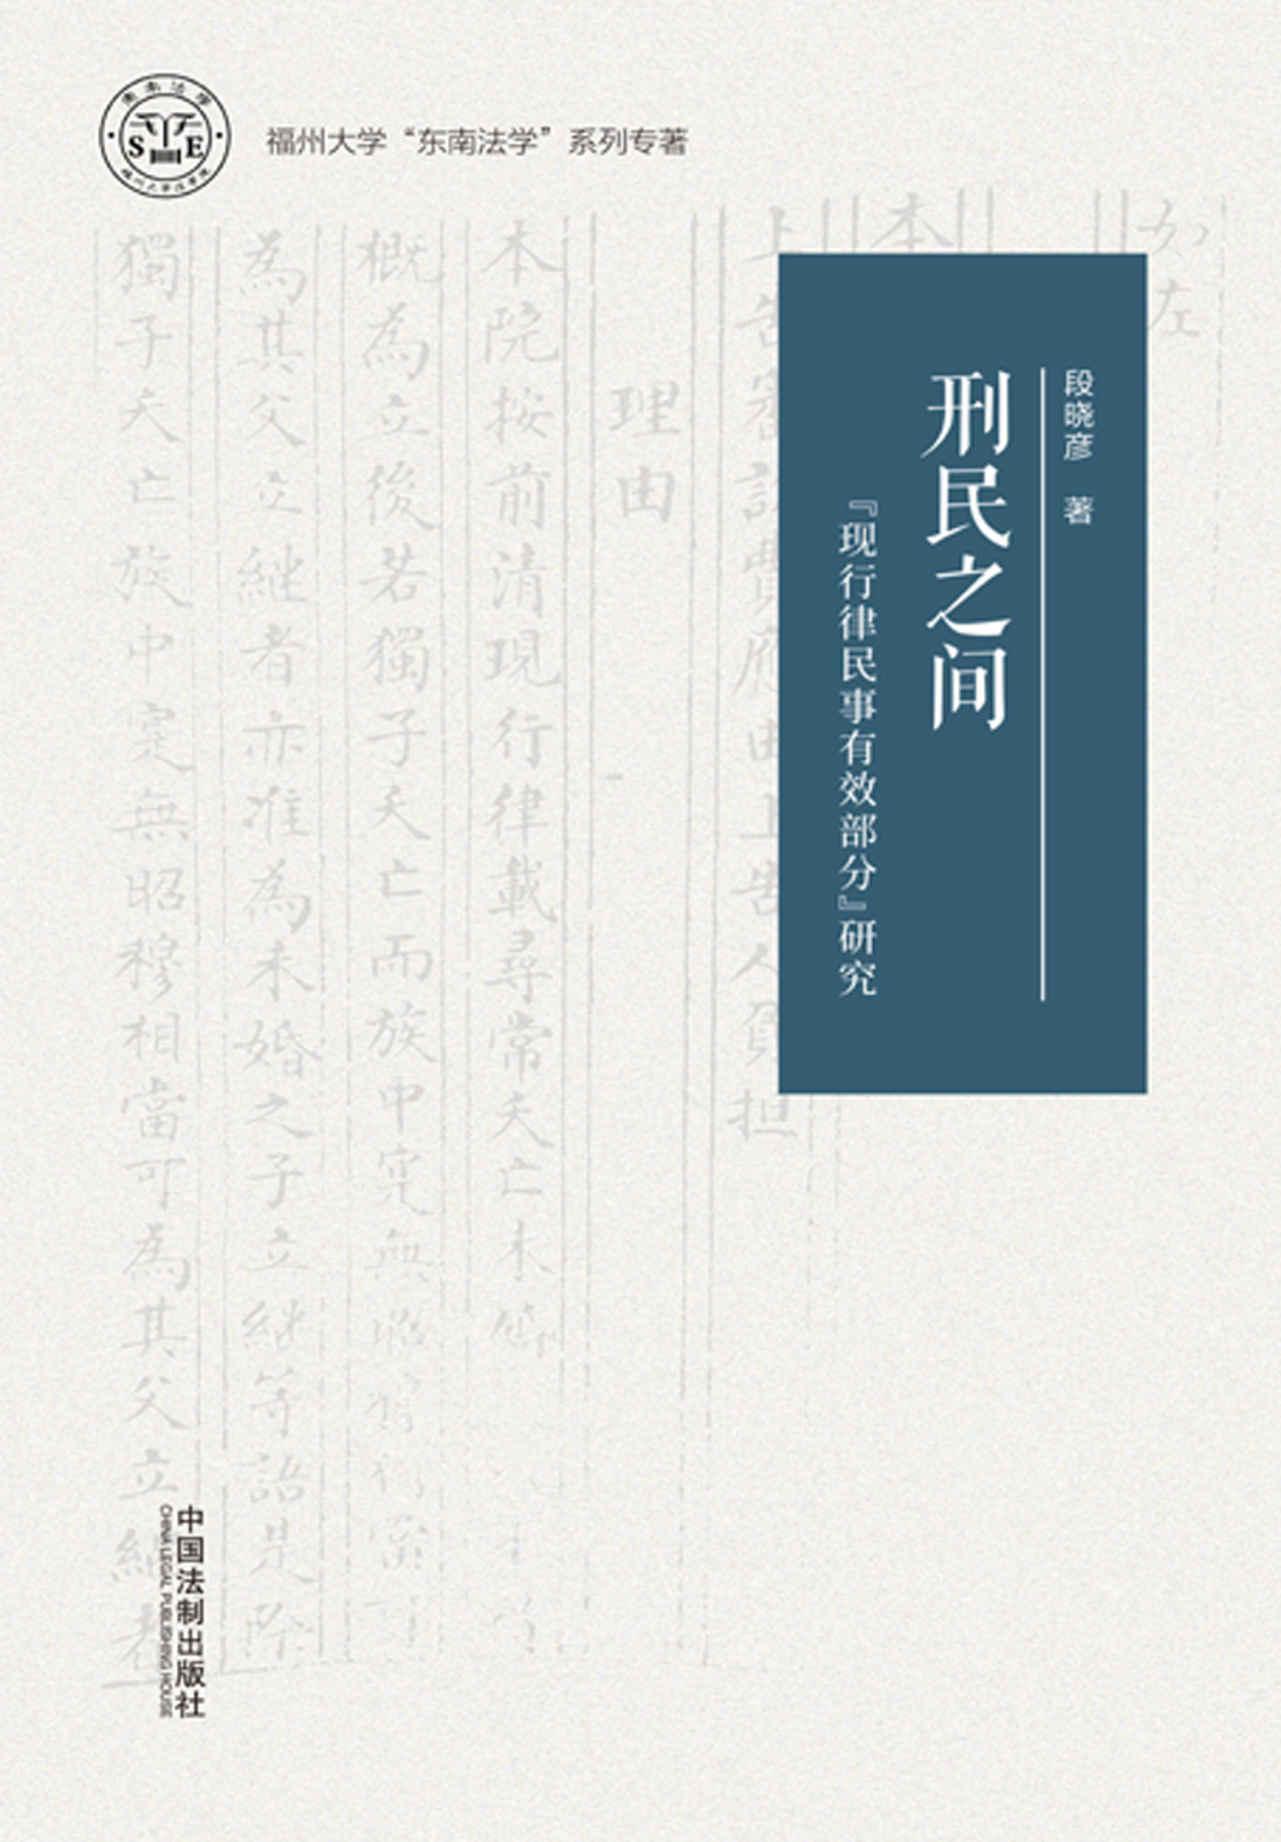 """刑民之间:""""现行律民事有效部分""""研究—段晓彦—pdf+mobi+epub+txt+azw3电子书下载"""